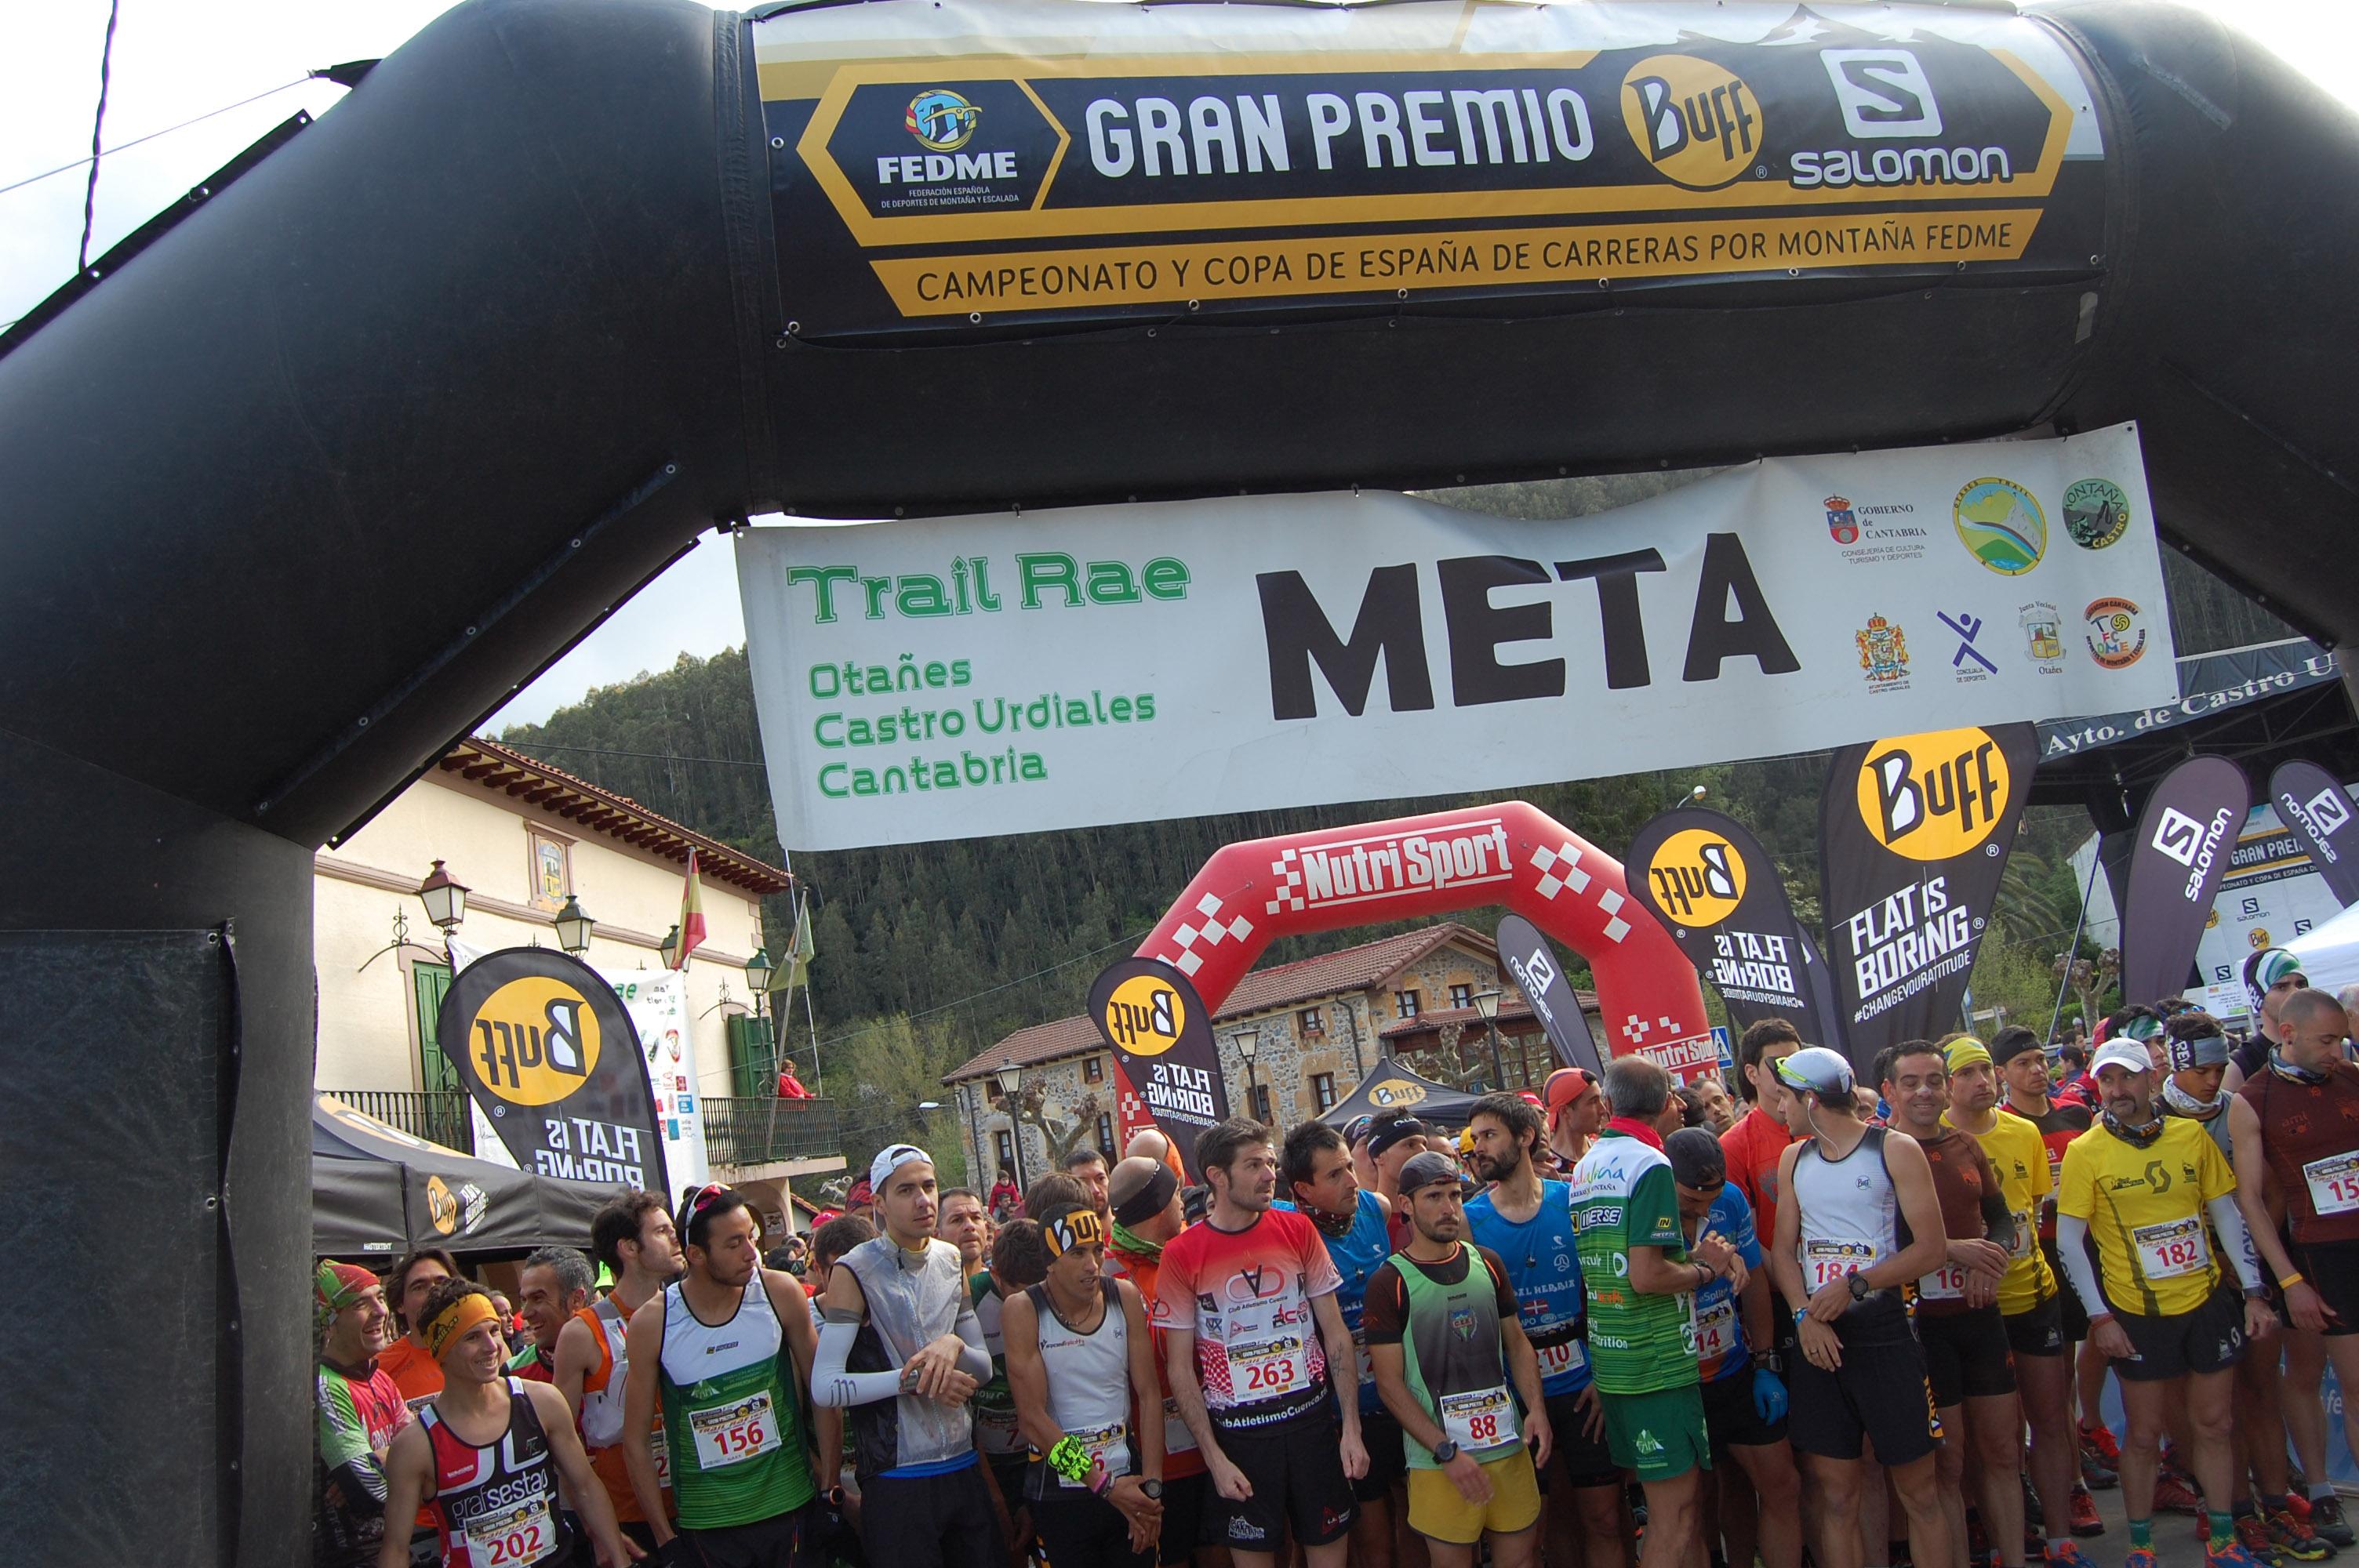 Zaid Ait Malek y Marta Molist se llevan la victoria en la Trail RAE de Otañes de la Copa de España de Carreras en línea FEDME - Gran Premio BUFF® Salo